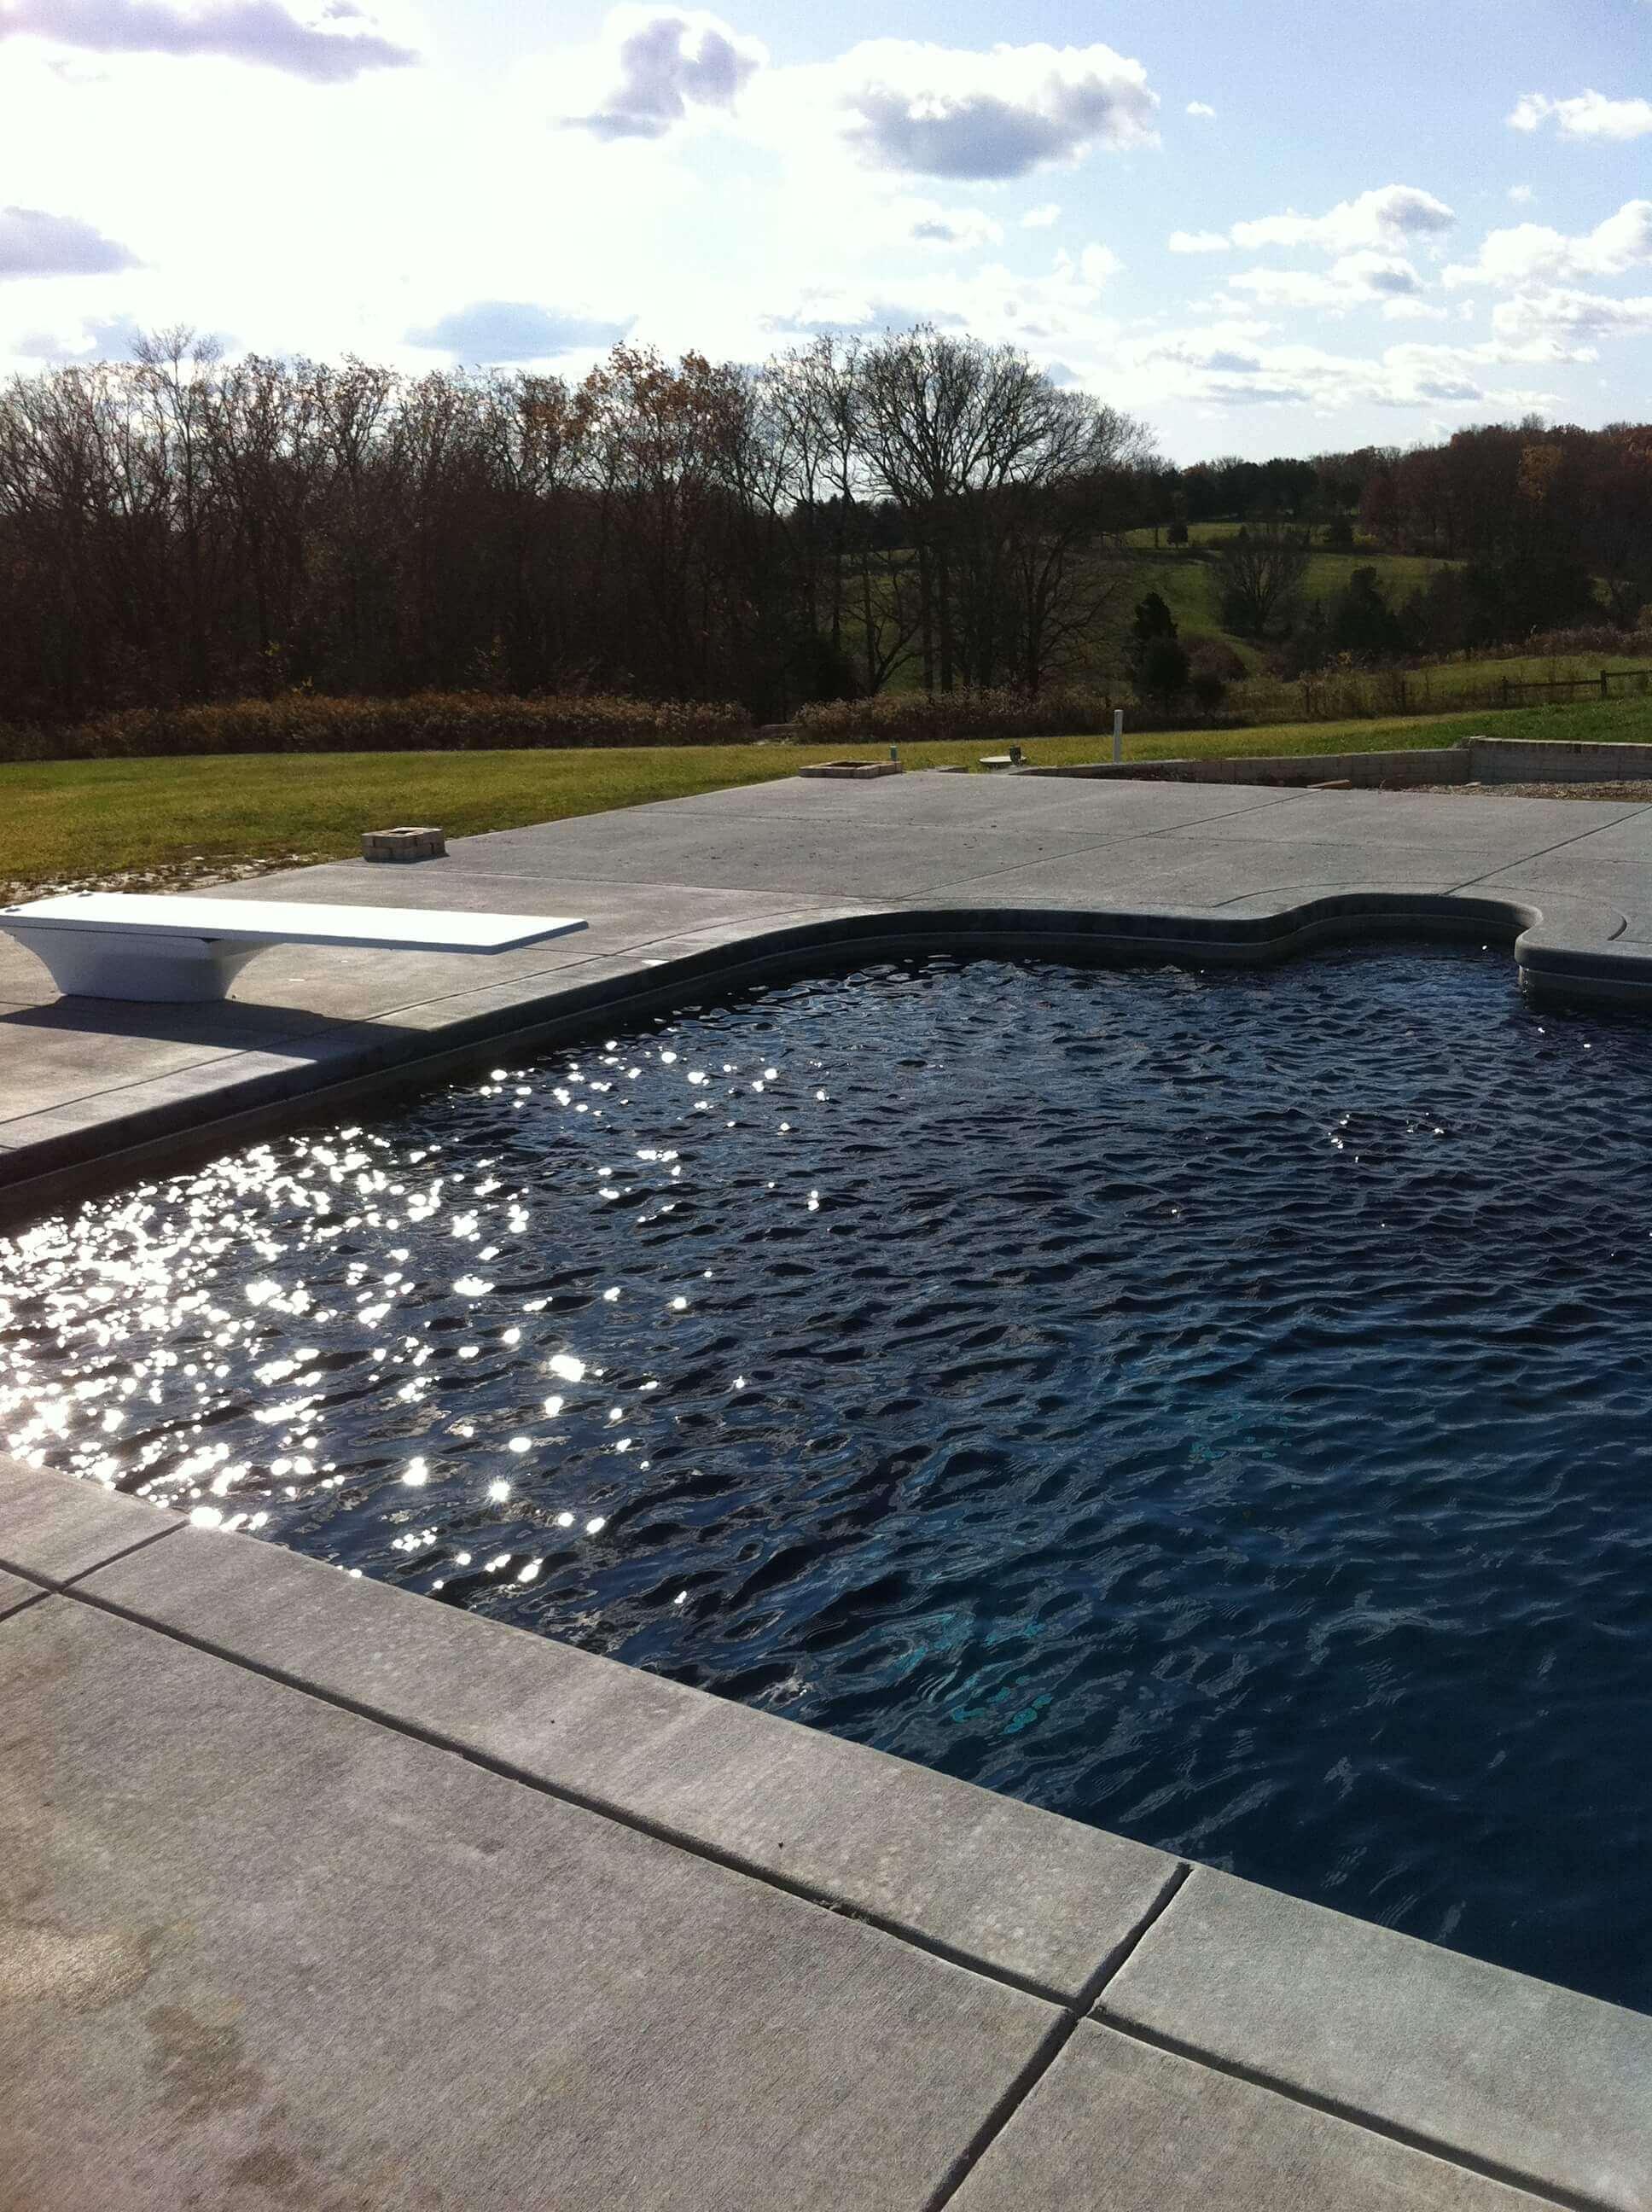 Gallery Scarlet Pools St Louis Missouri